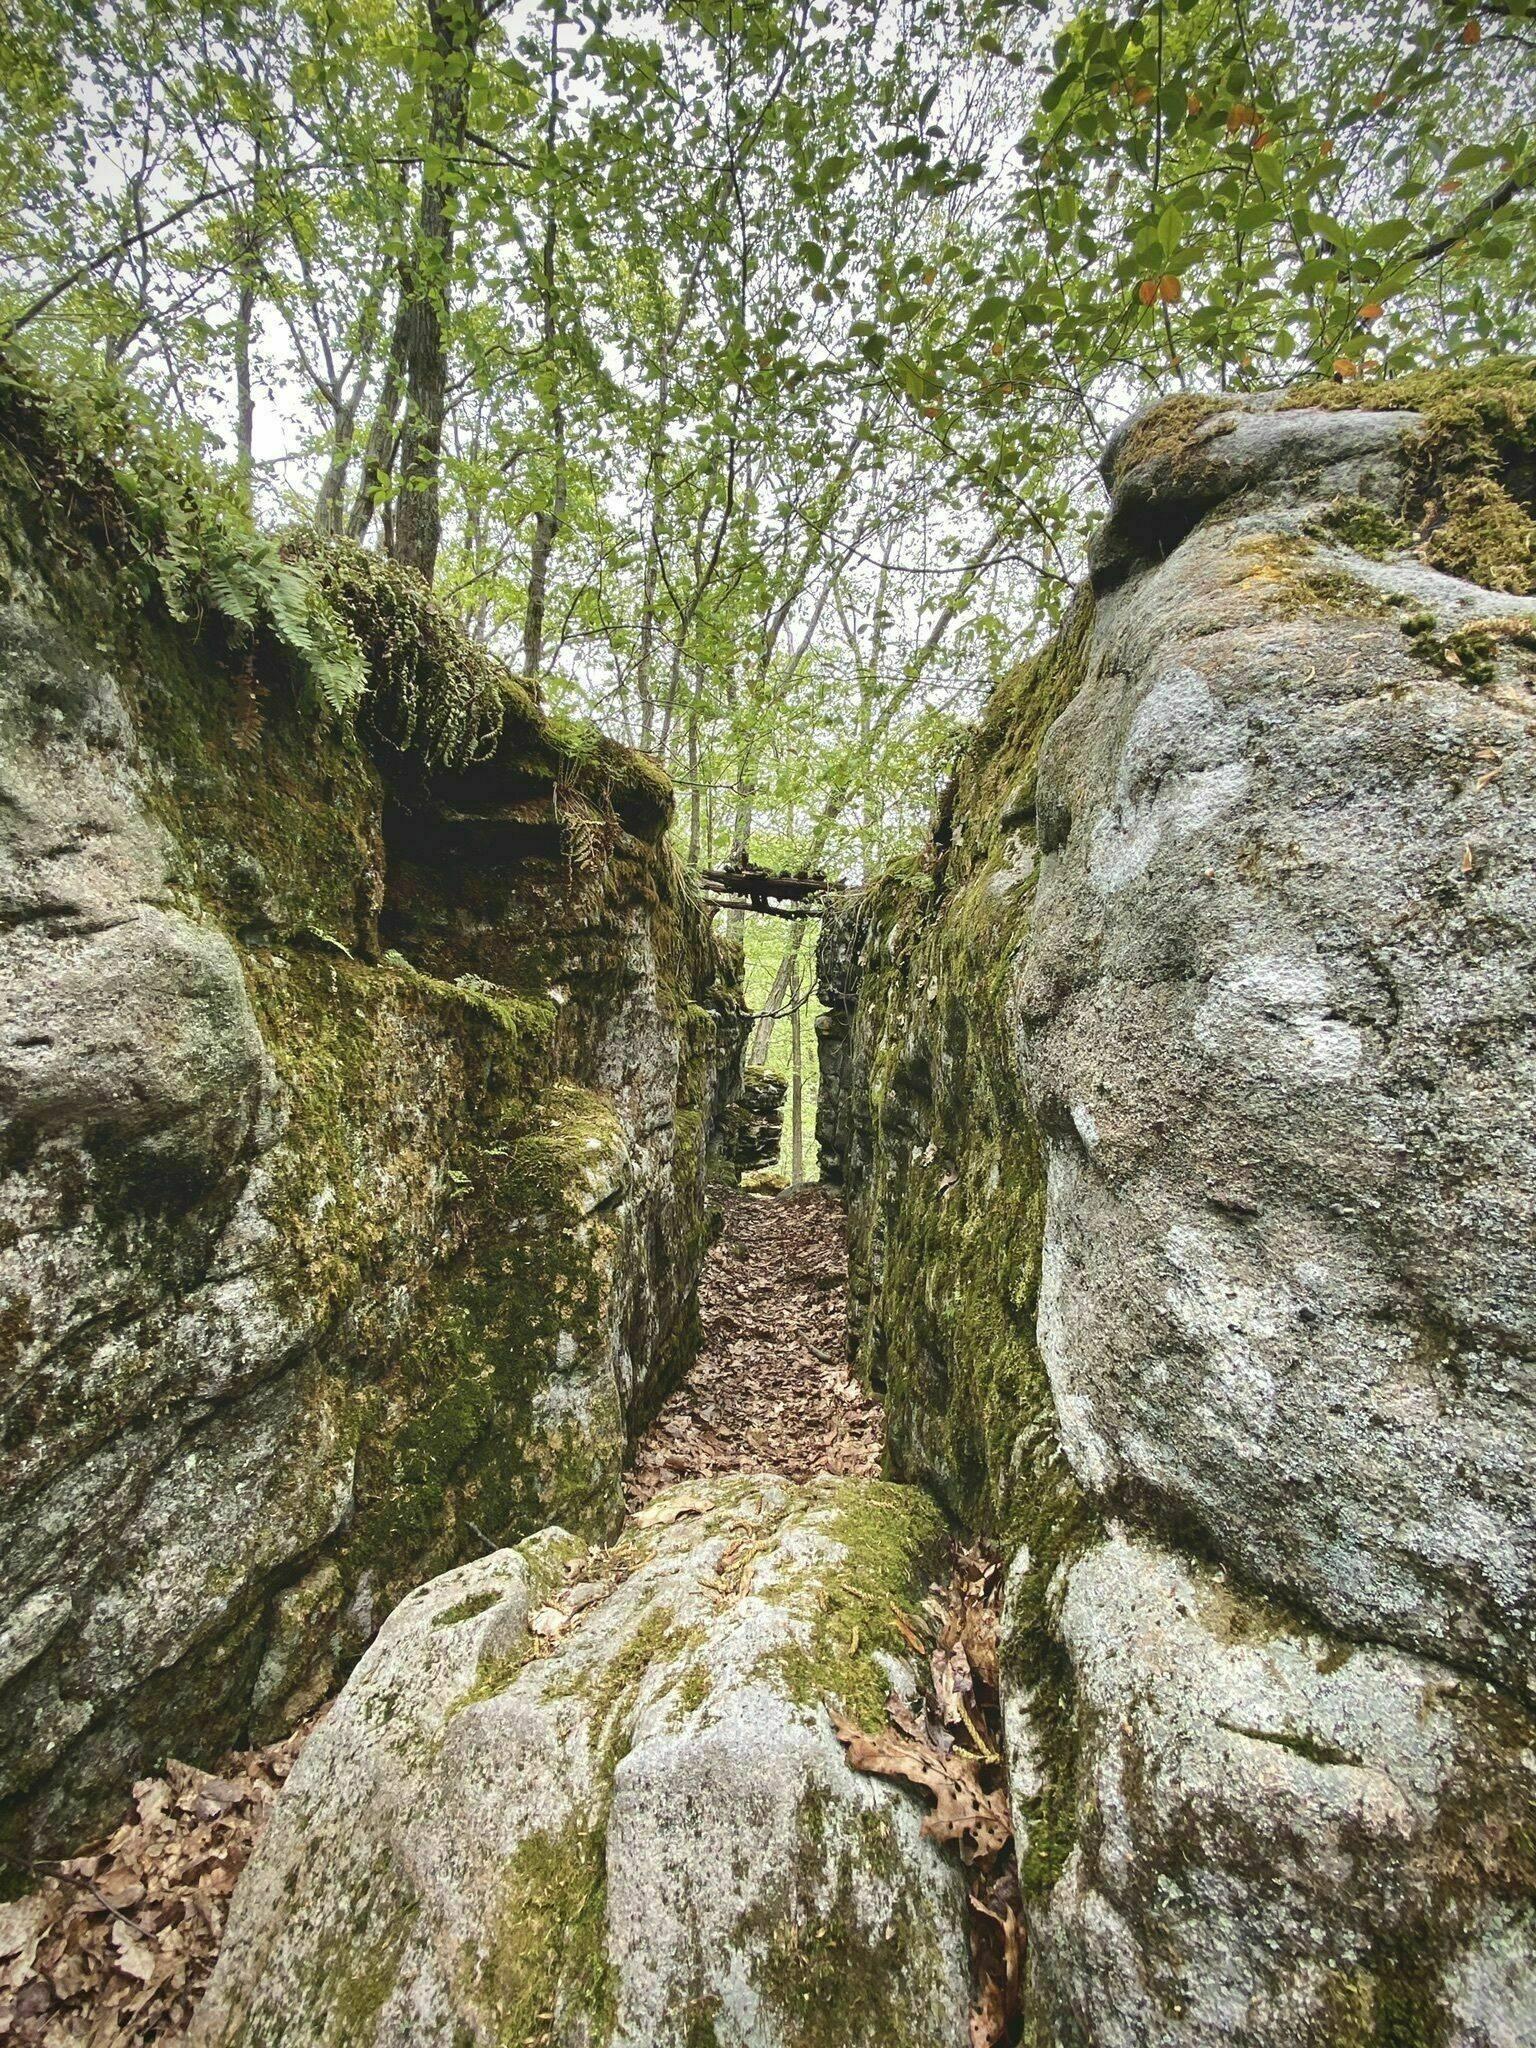 Laurel Highlands Hiking Trail Mile 70 to 0